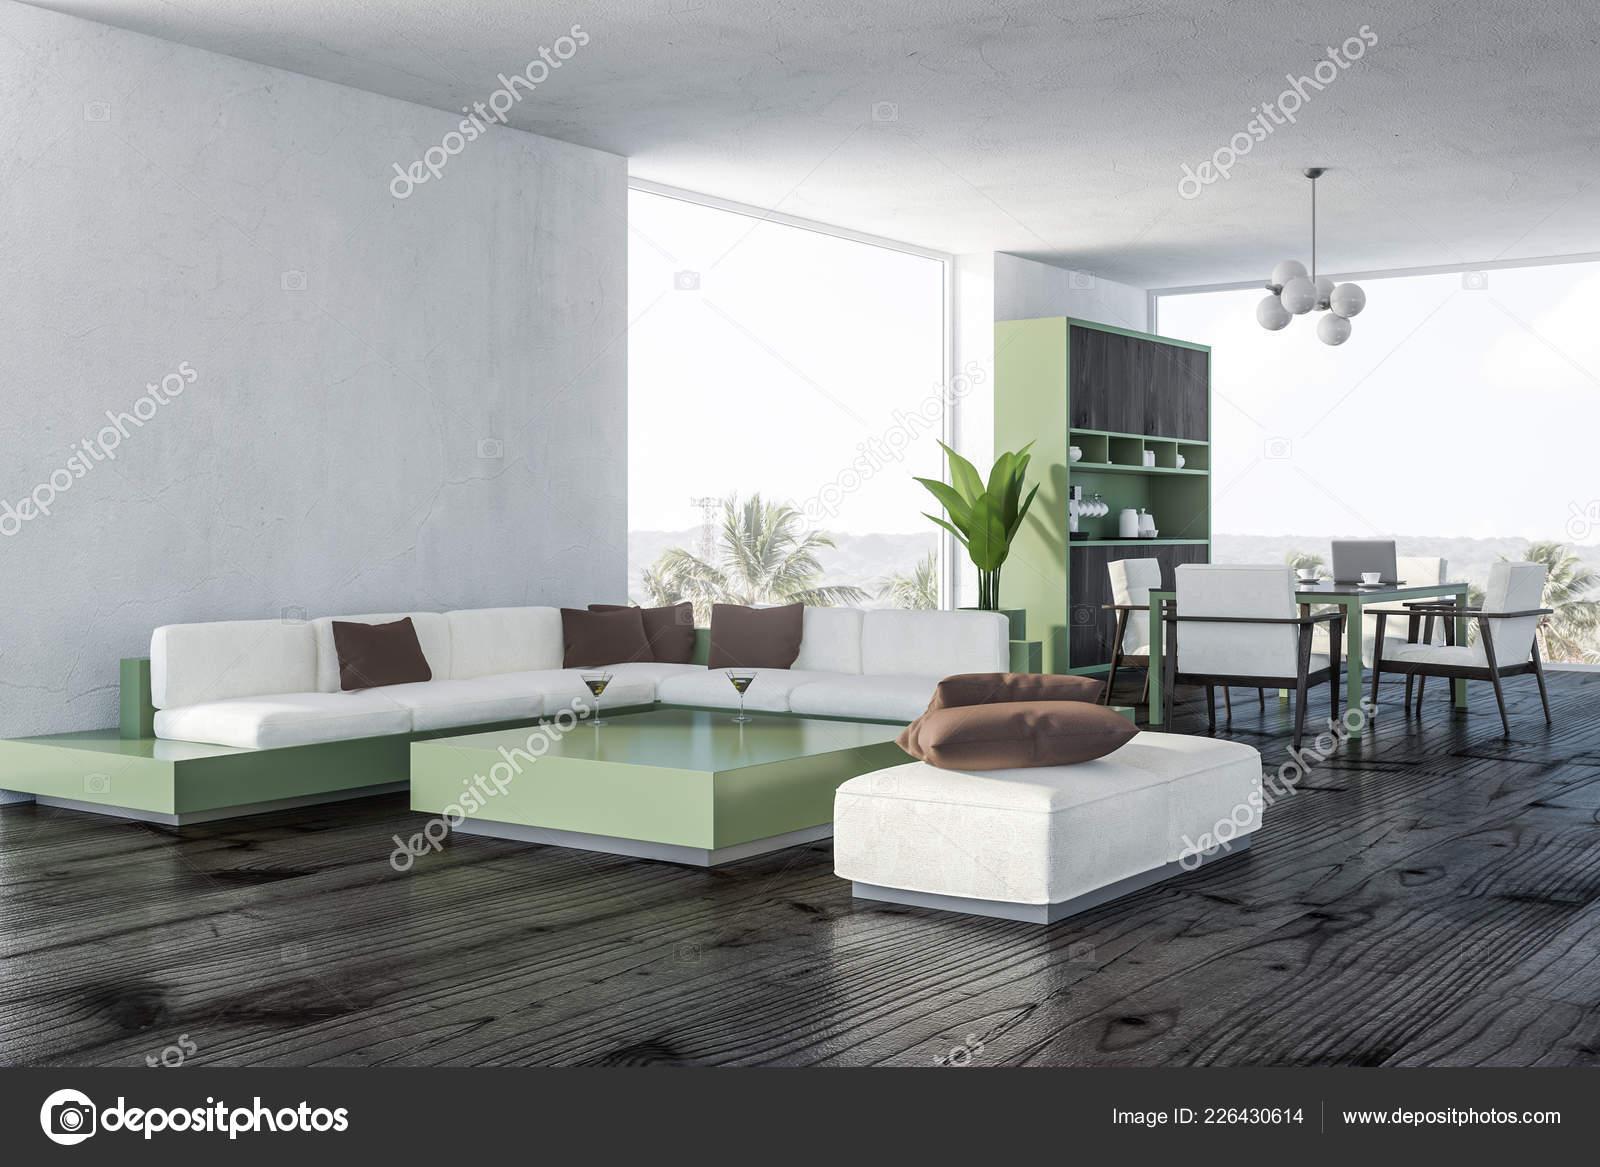 Corner Living Room Dining Room White Walls Wooden Floor White Stock Photo Image By C Denisismagilov 226430614